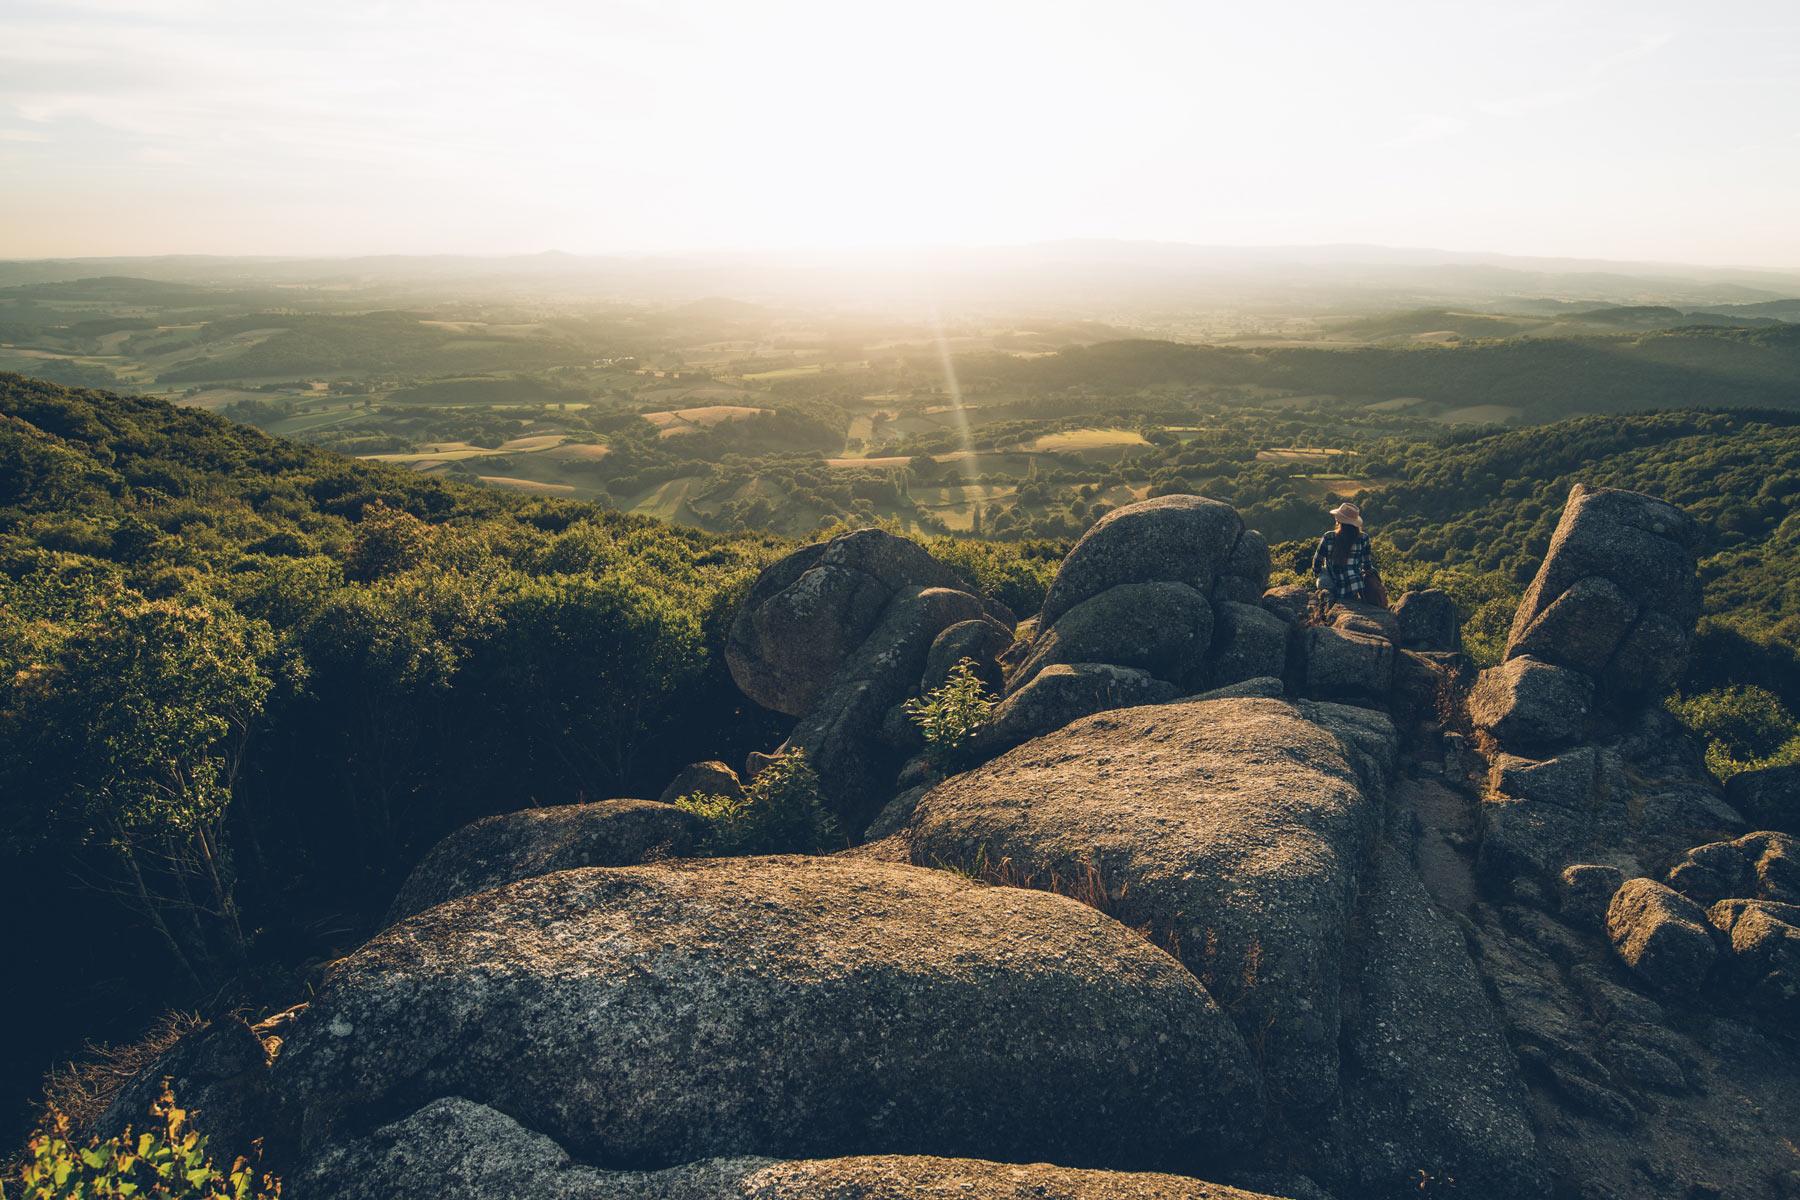 Uchon, Point de vue sur le Morvan depuis les rochers